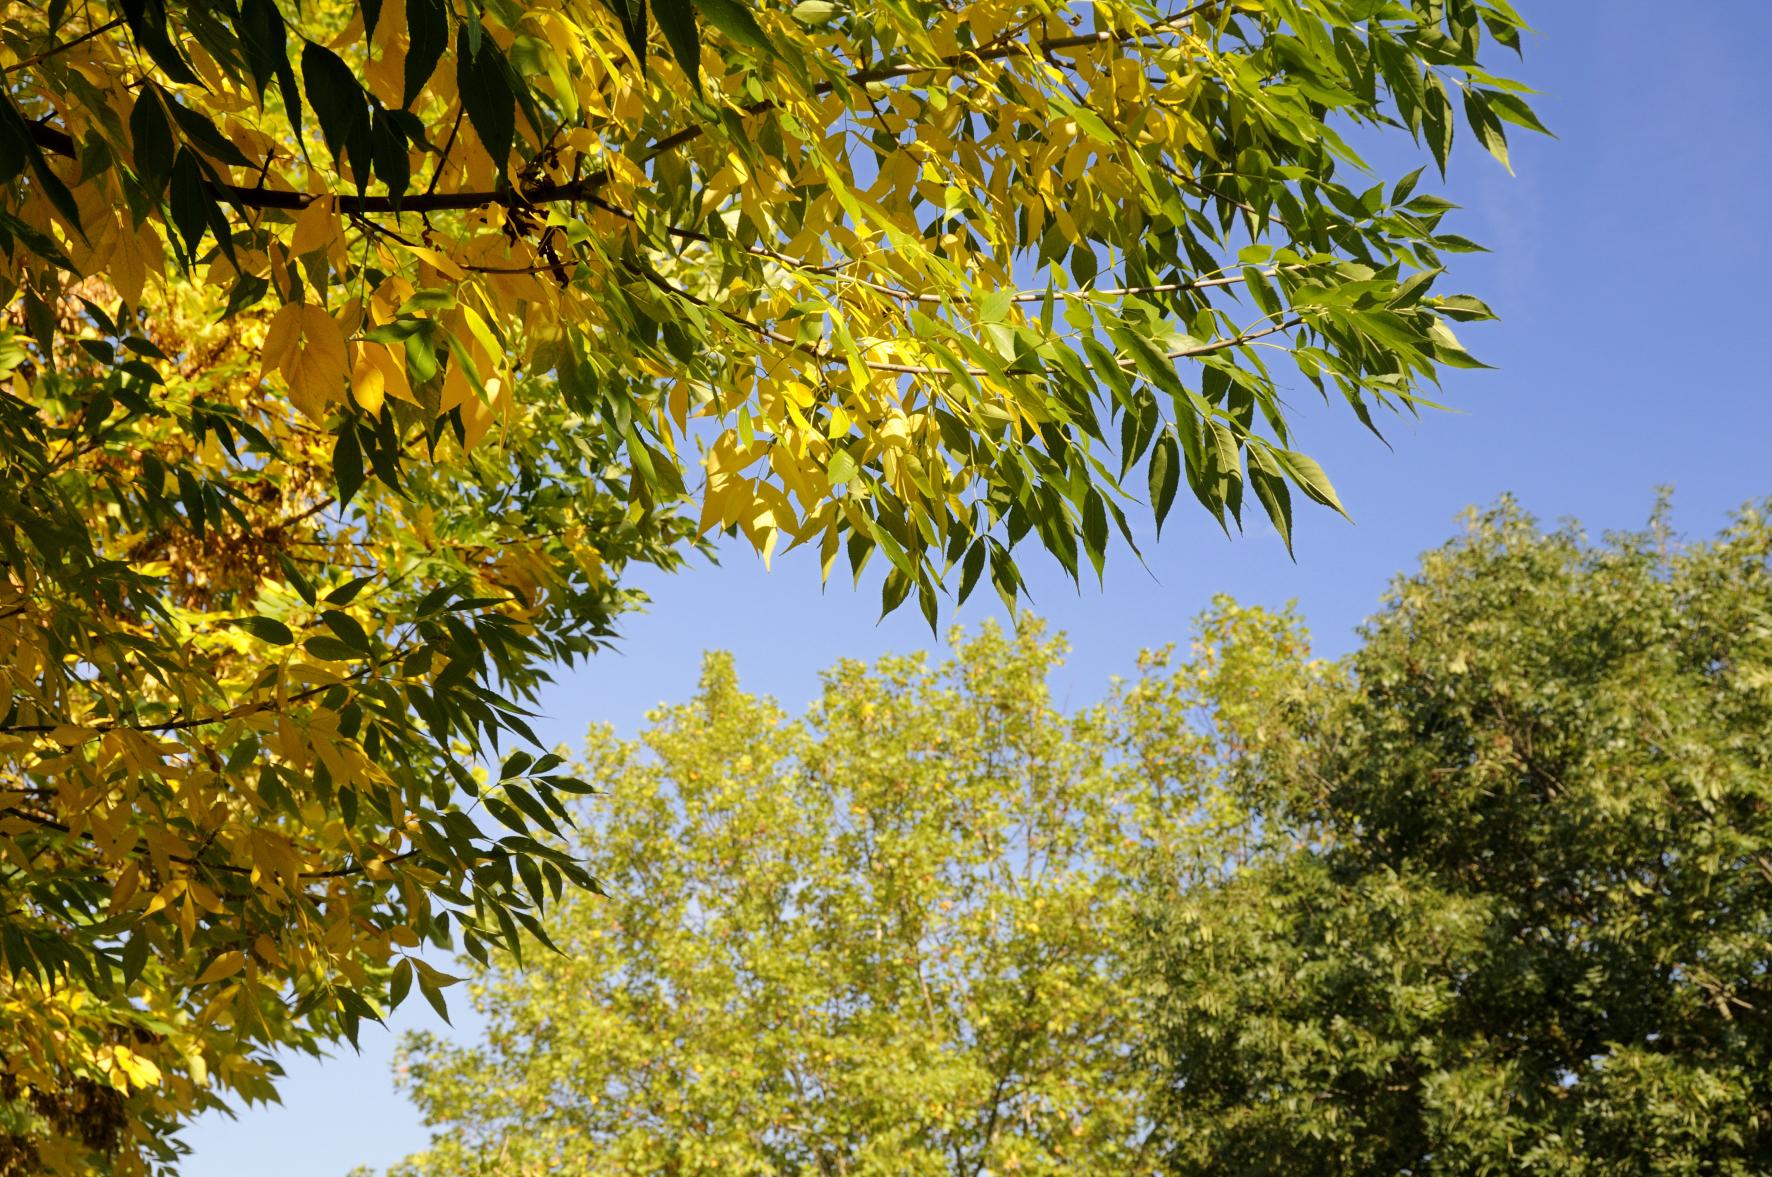 Feuilles automne 2 arbre nature toute image - Image feuille automne ...